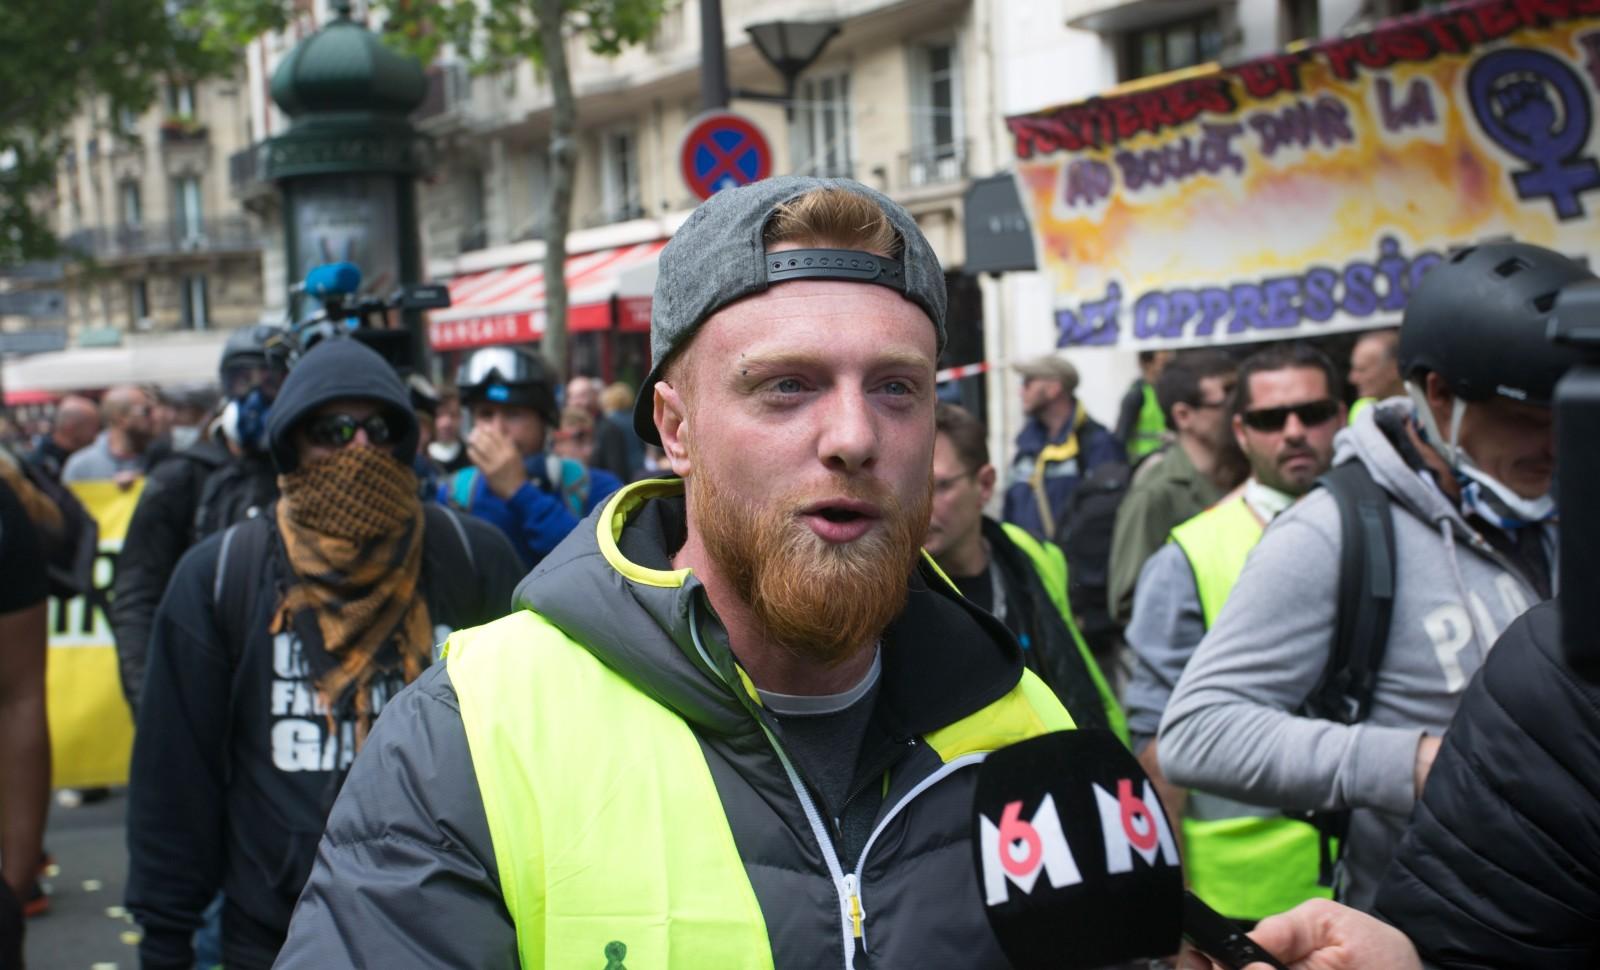 Le gilet jaune Maxime Nicolle dans une manifestation en 2019 à Paris © Yann Bohac/SIPA Numéro de reportage: 00906116_000004